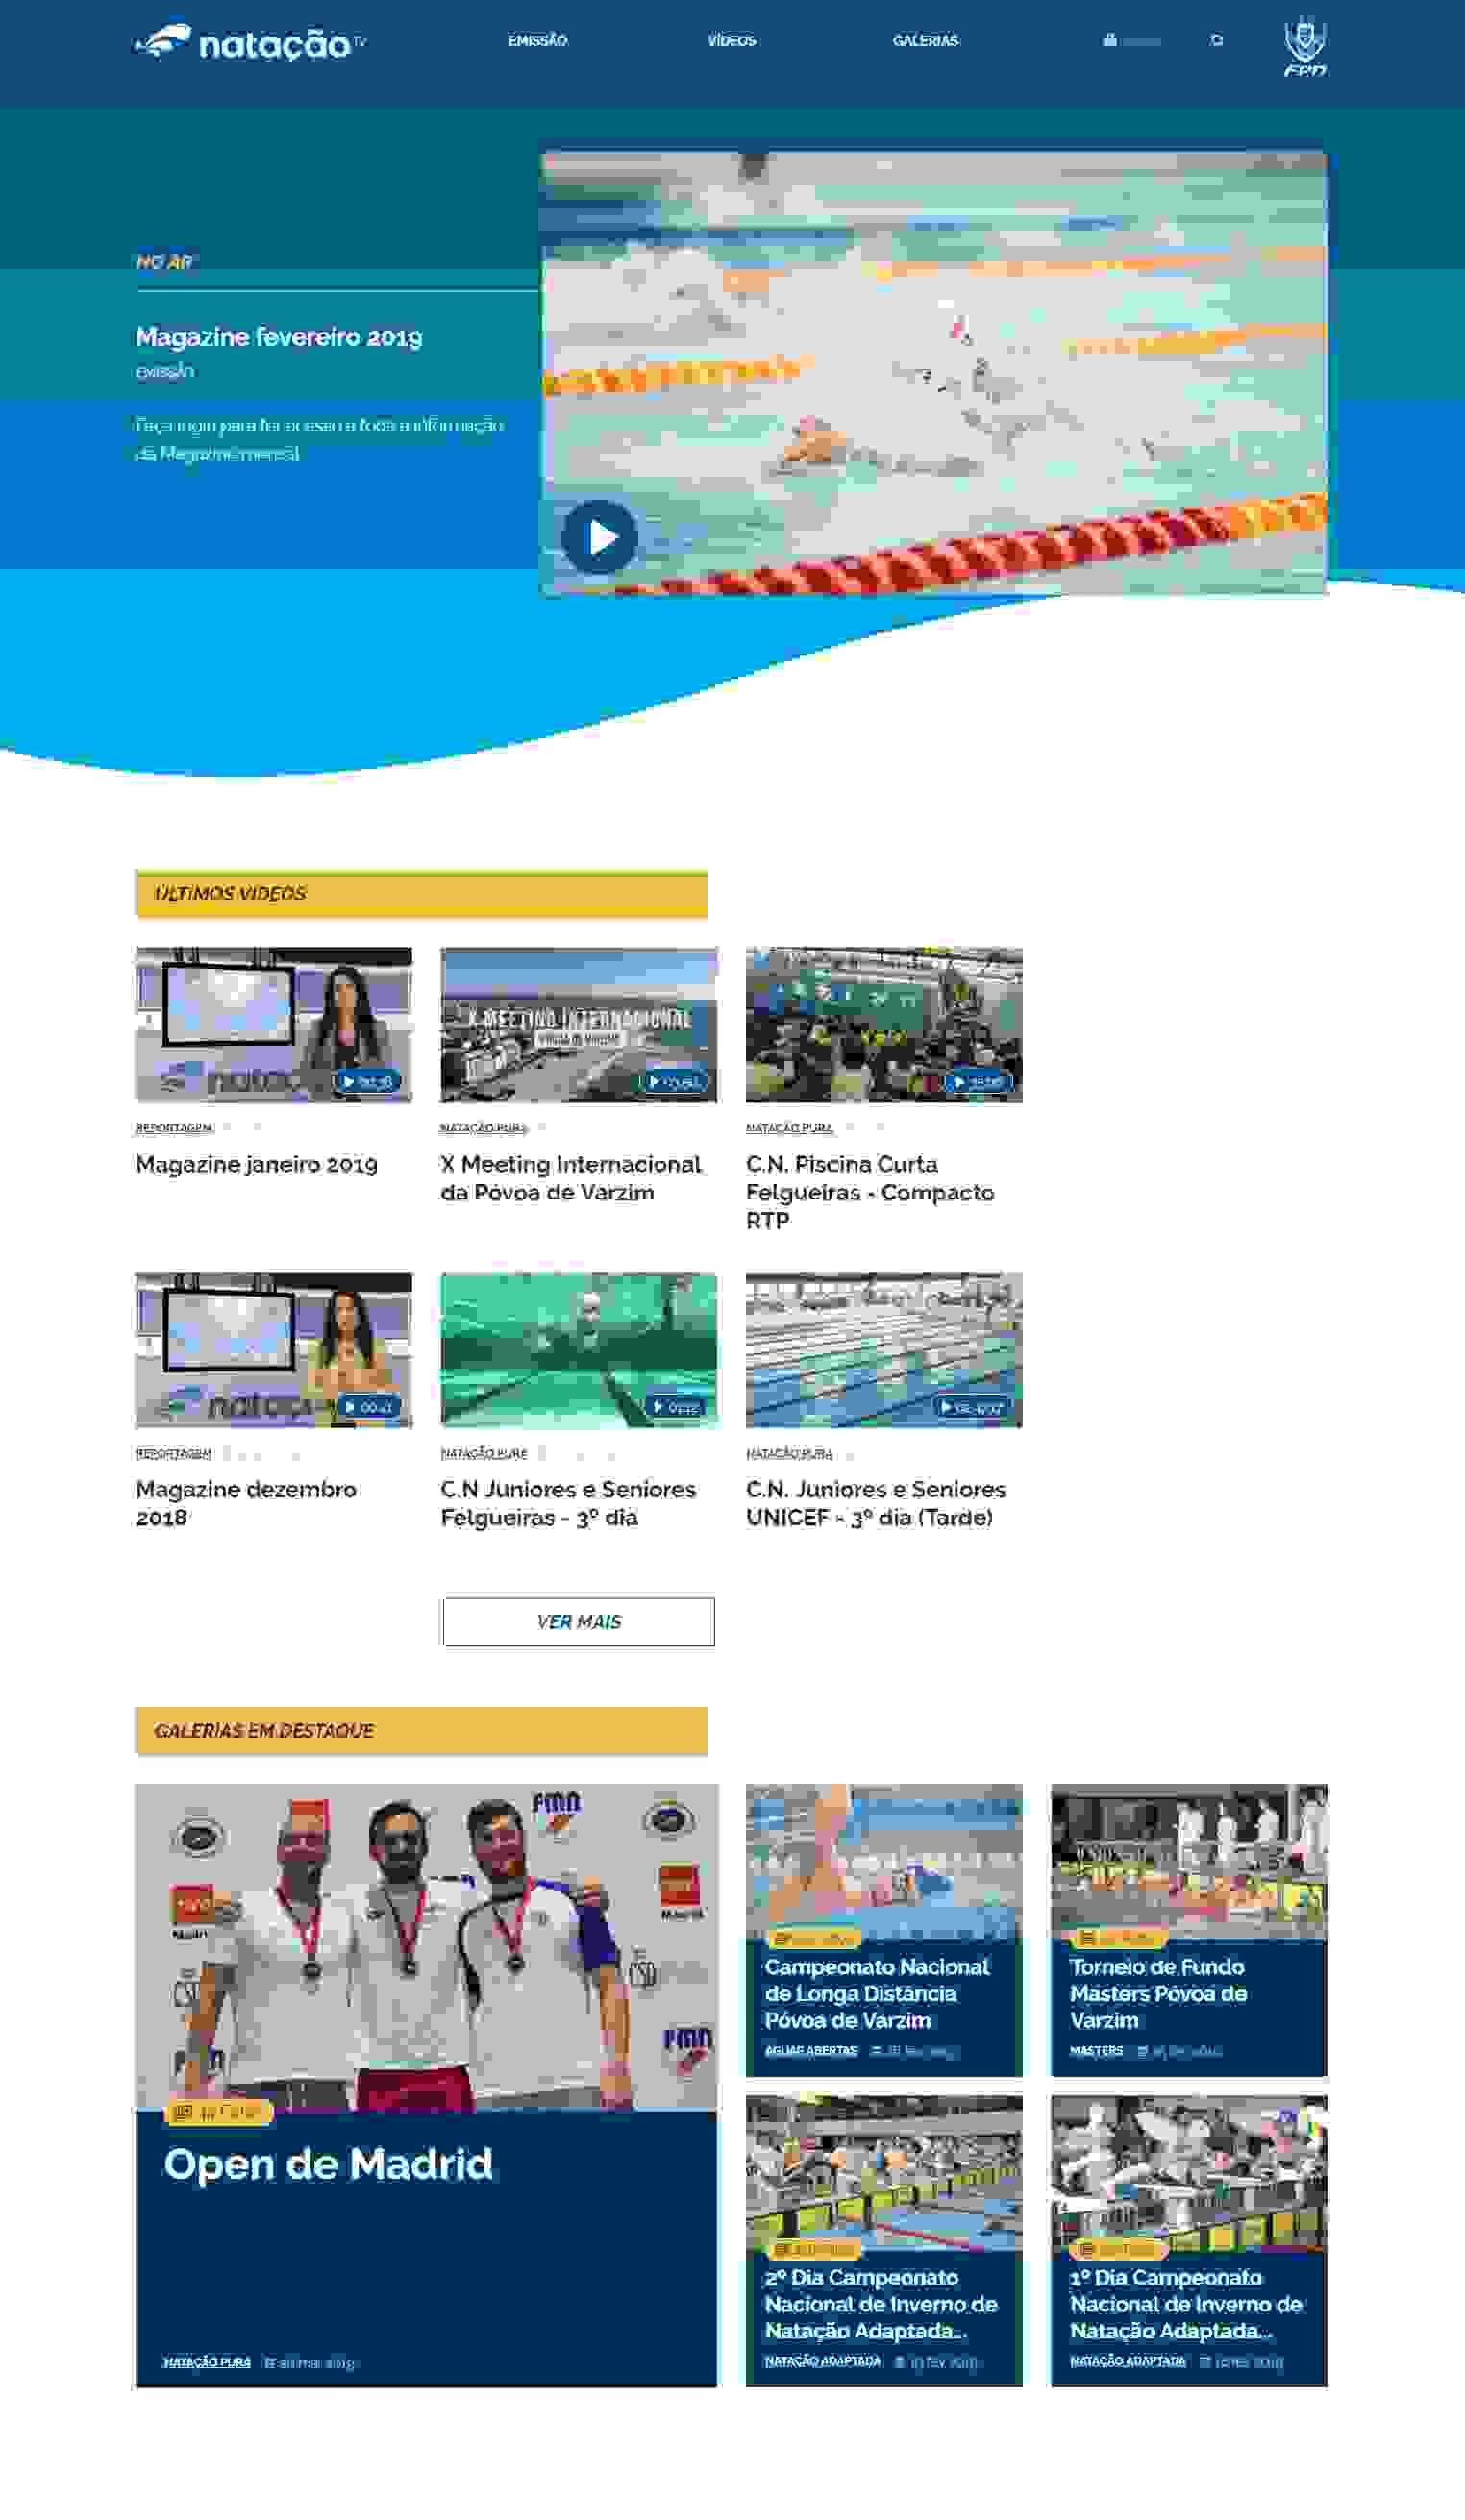 natação-tv-3